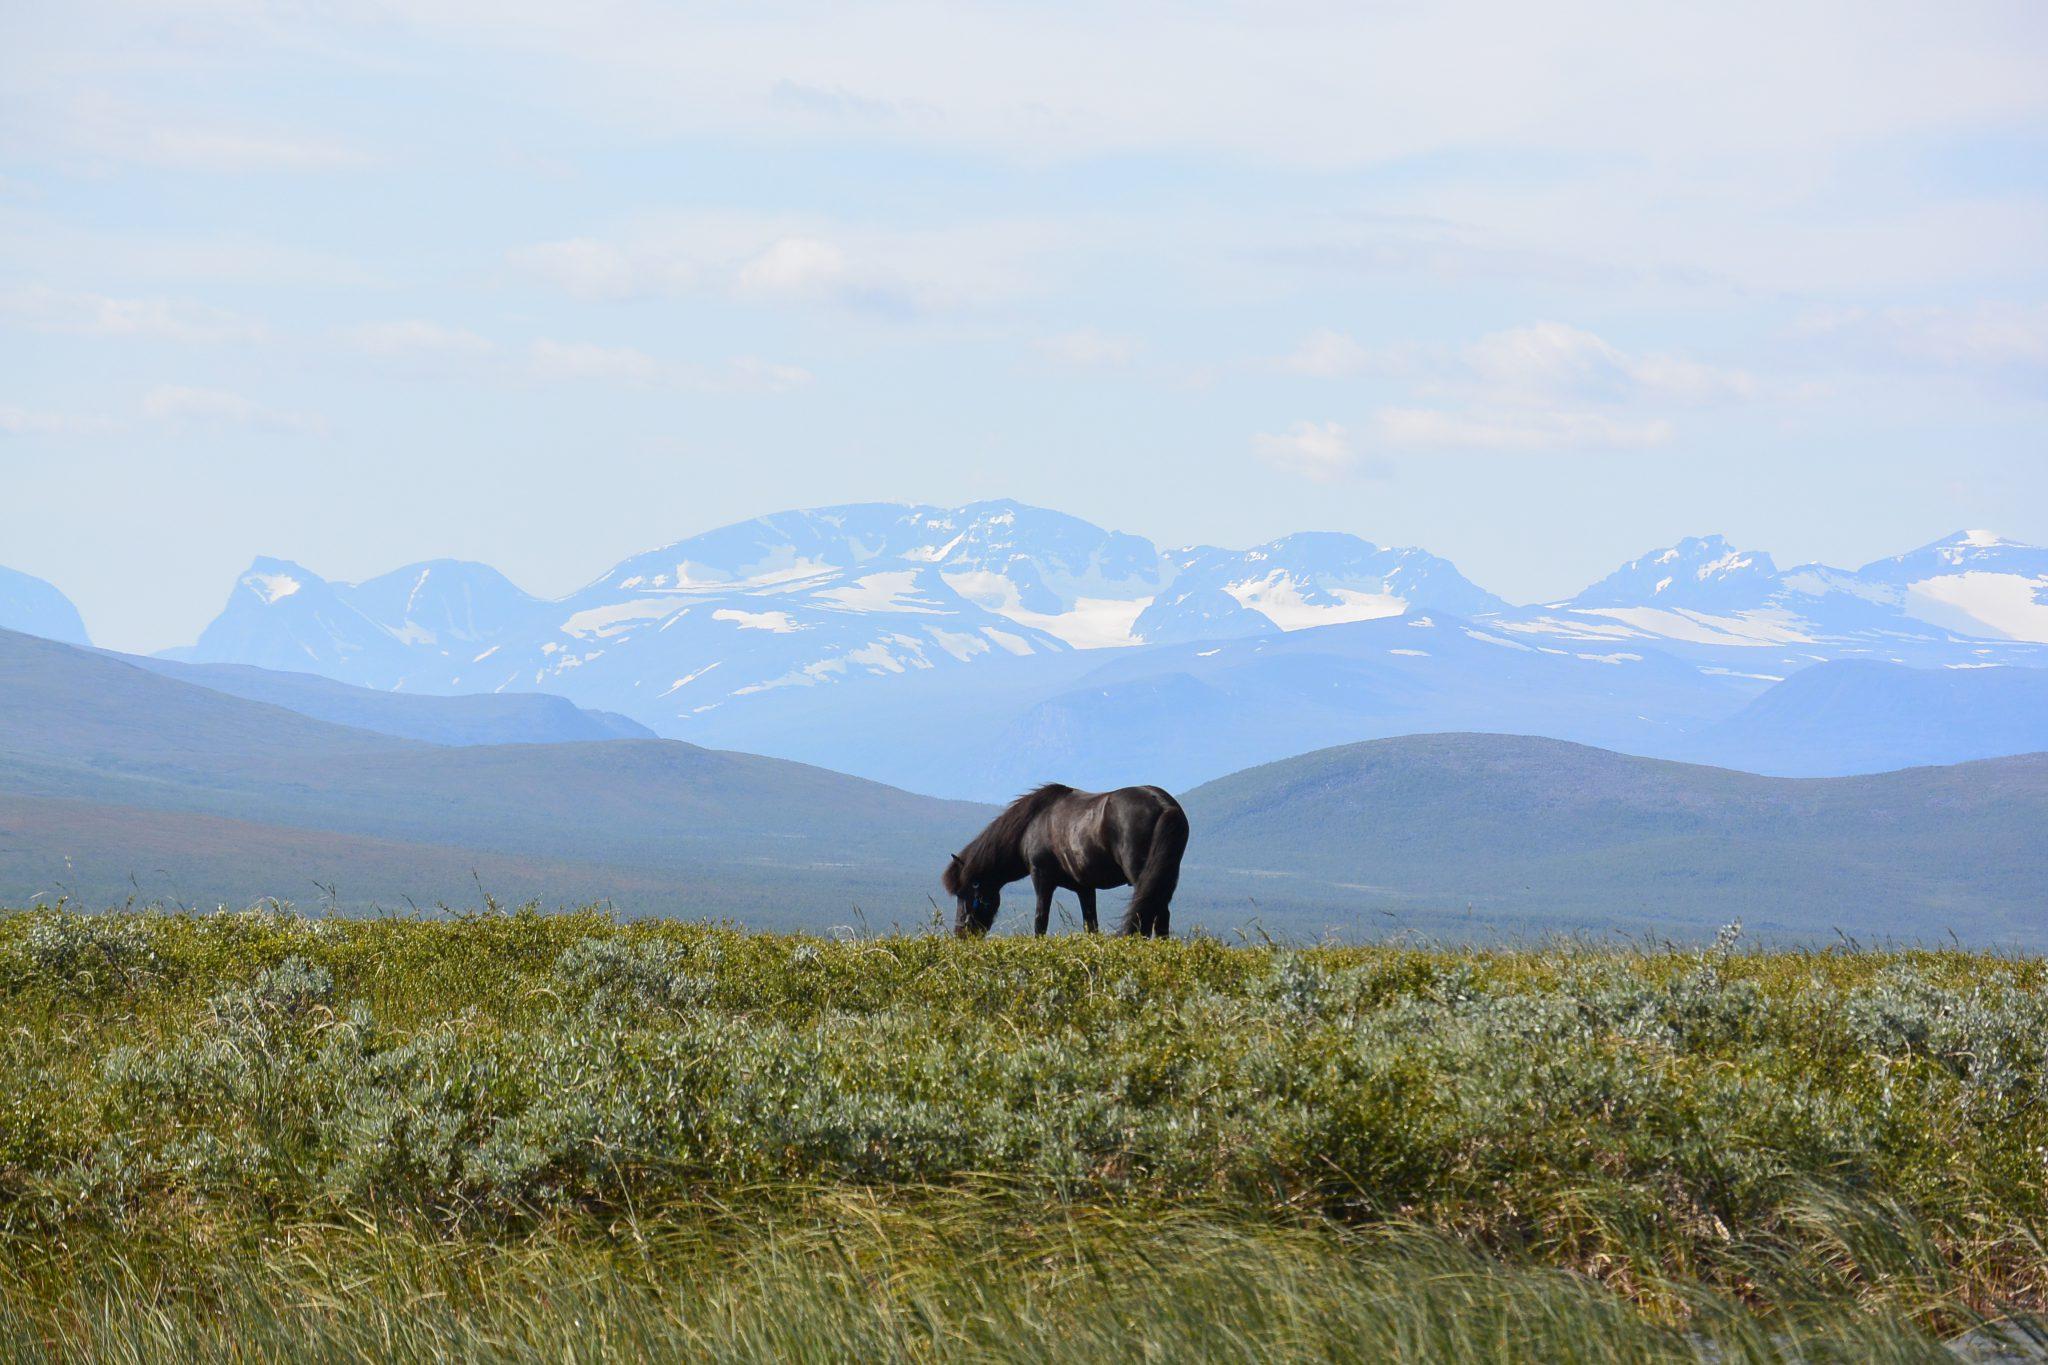 IJslands paard in de bergen van Zweden